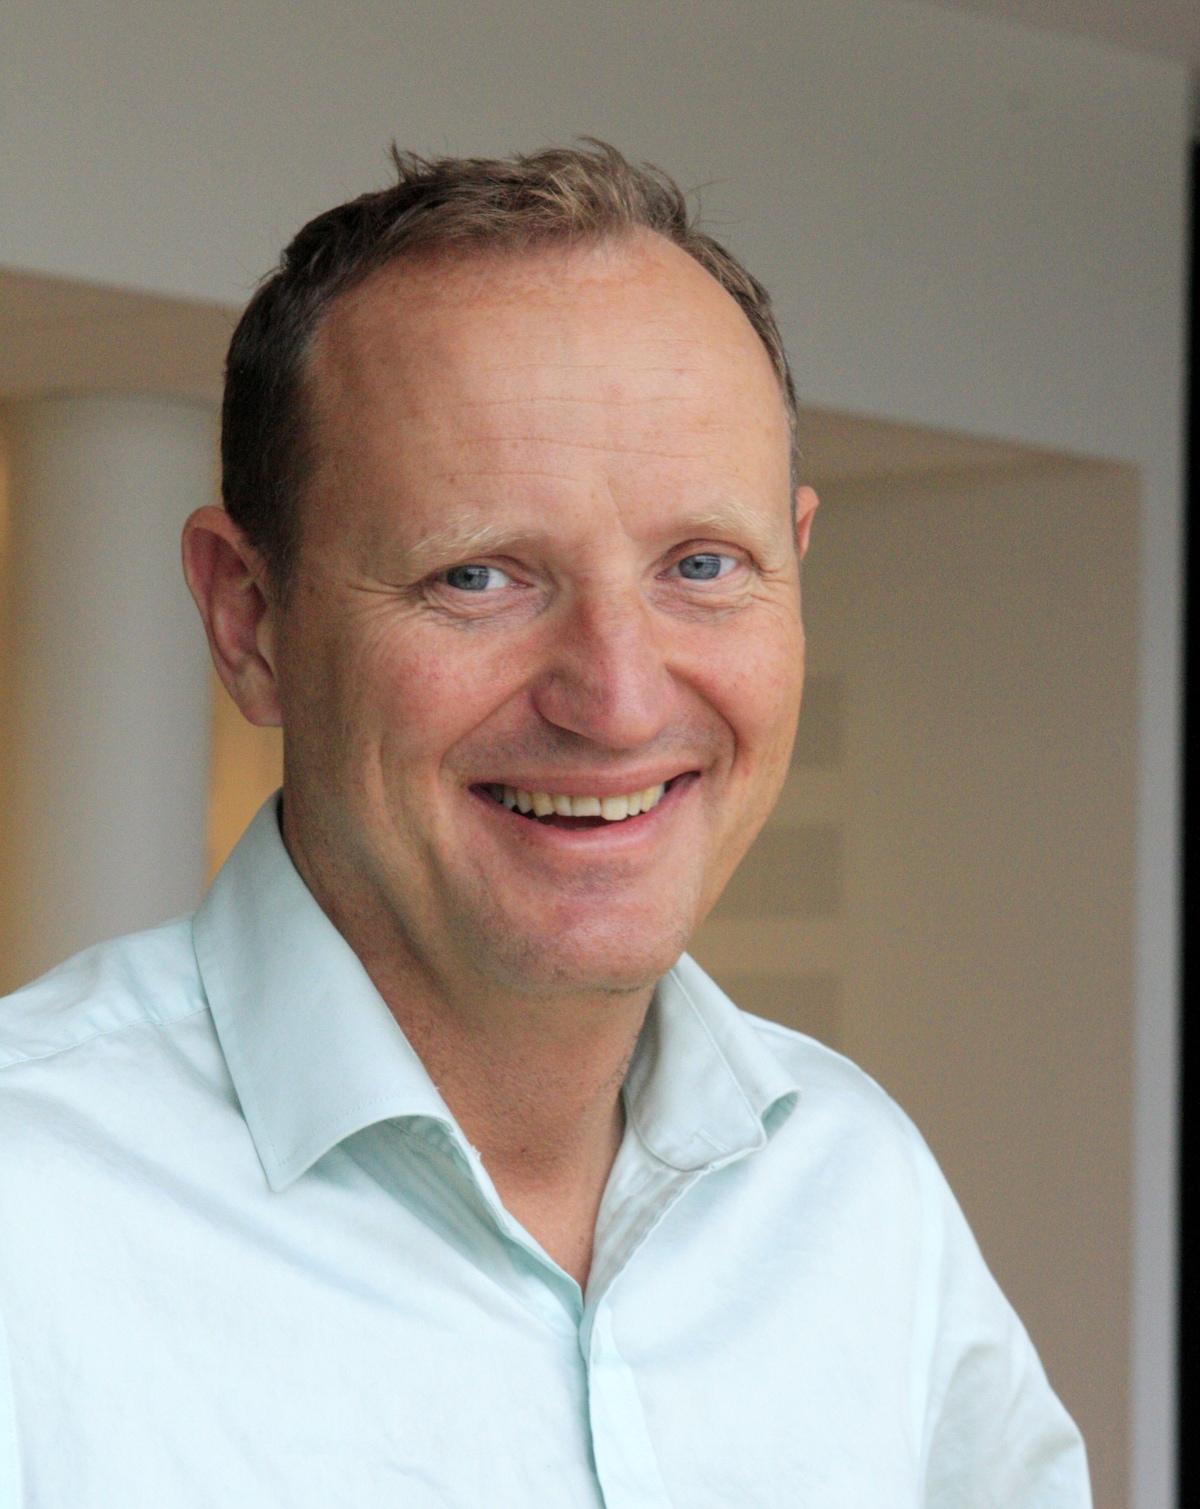 Peter Vilstrup from Hvide Sande